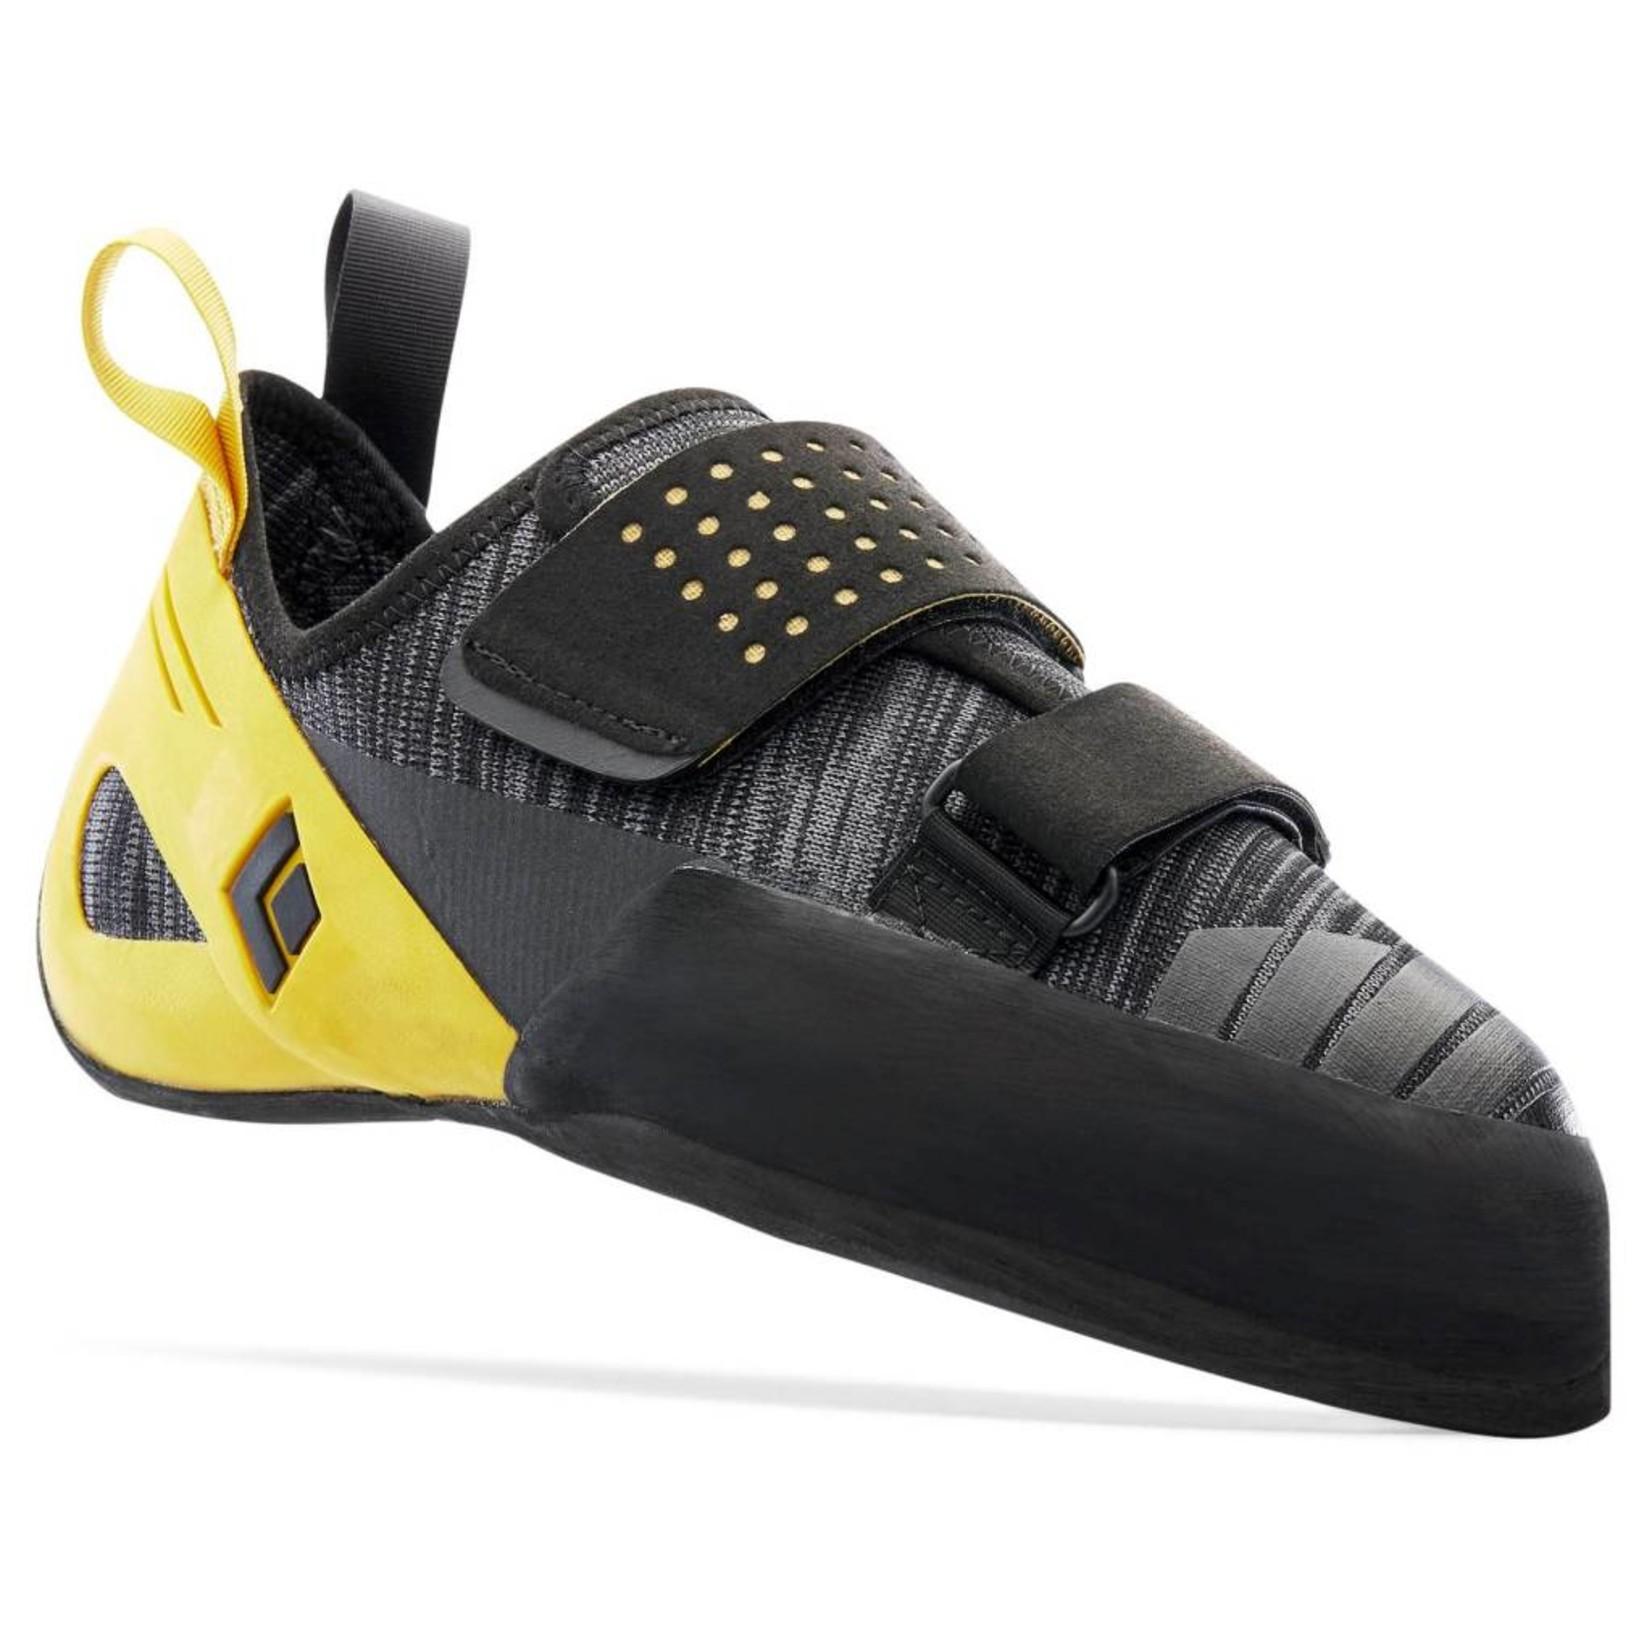 Black Diamond Black Diamond Zone Climbing Shoes